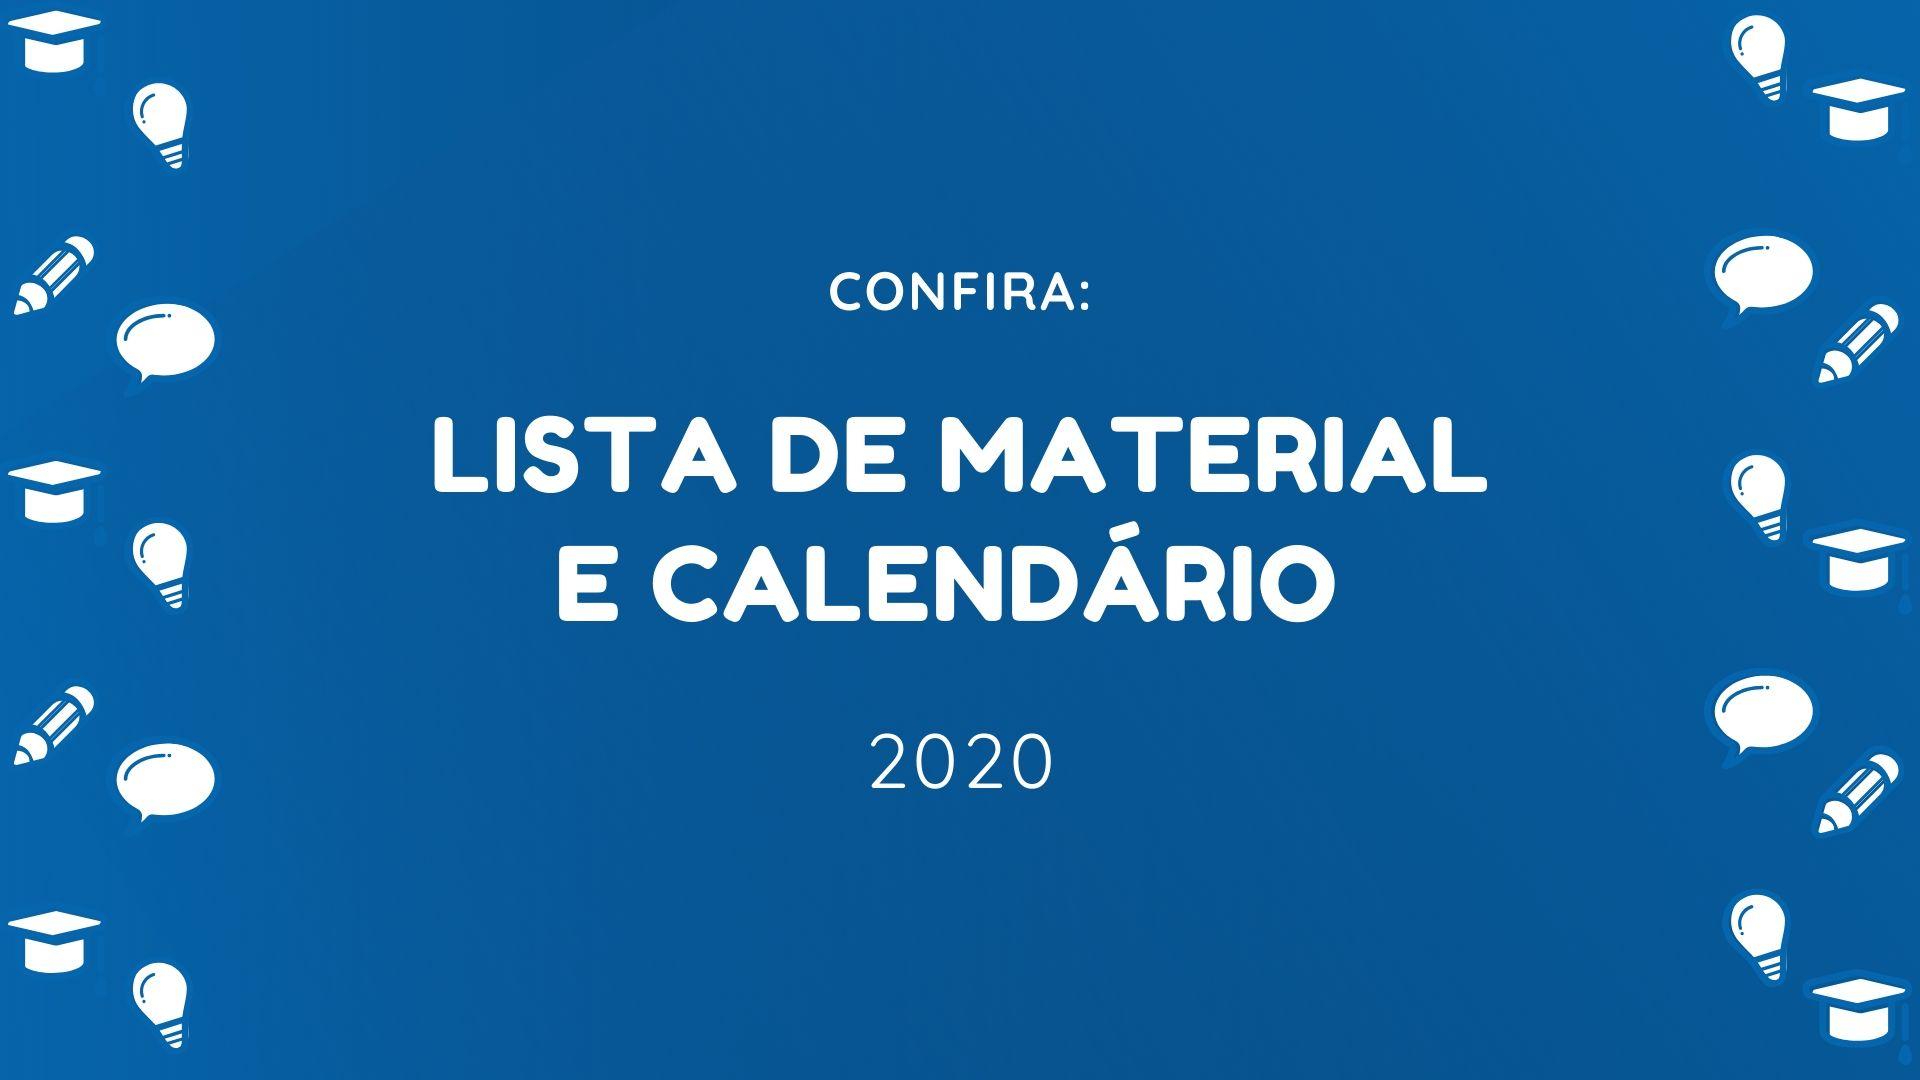 Listas de Material e Calendários 2020